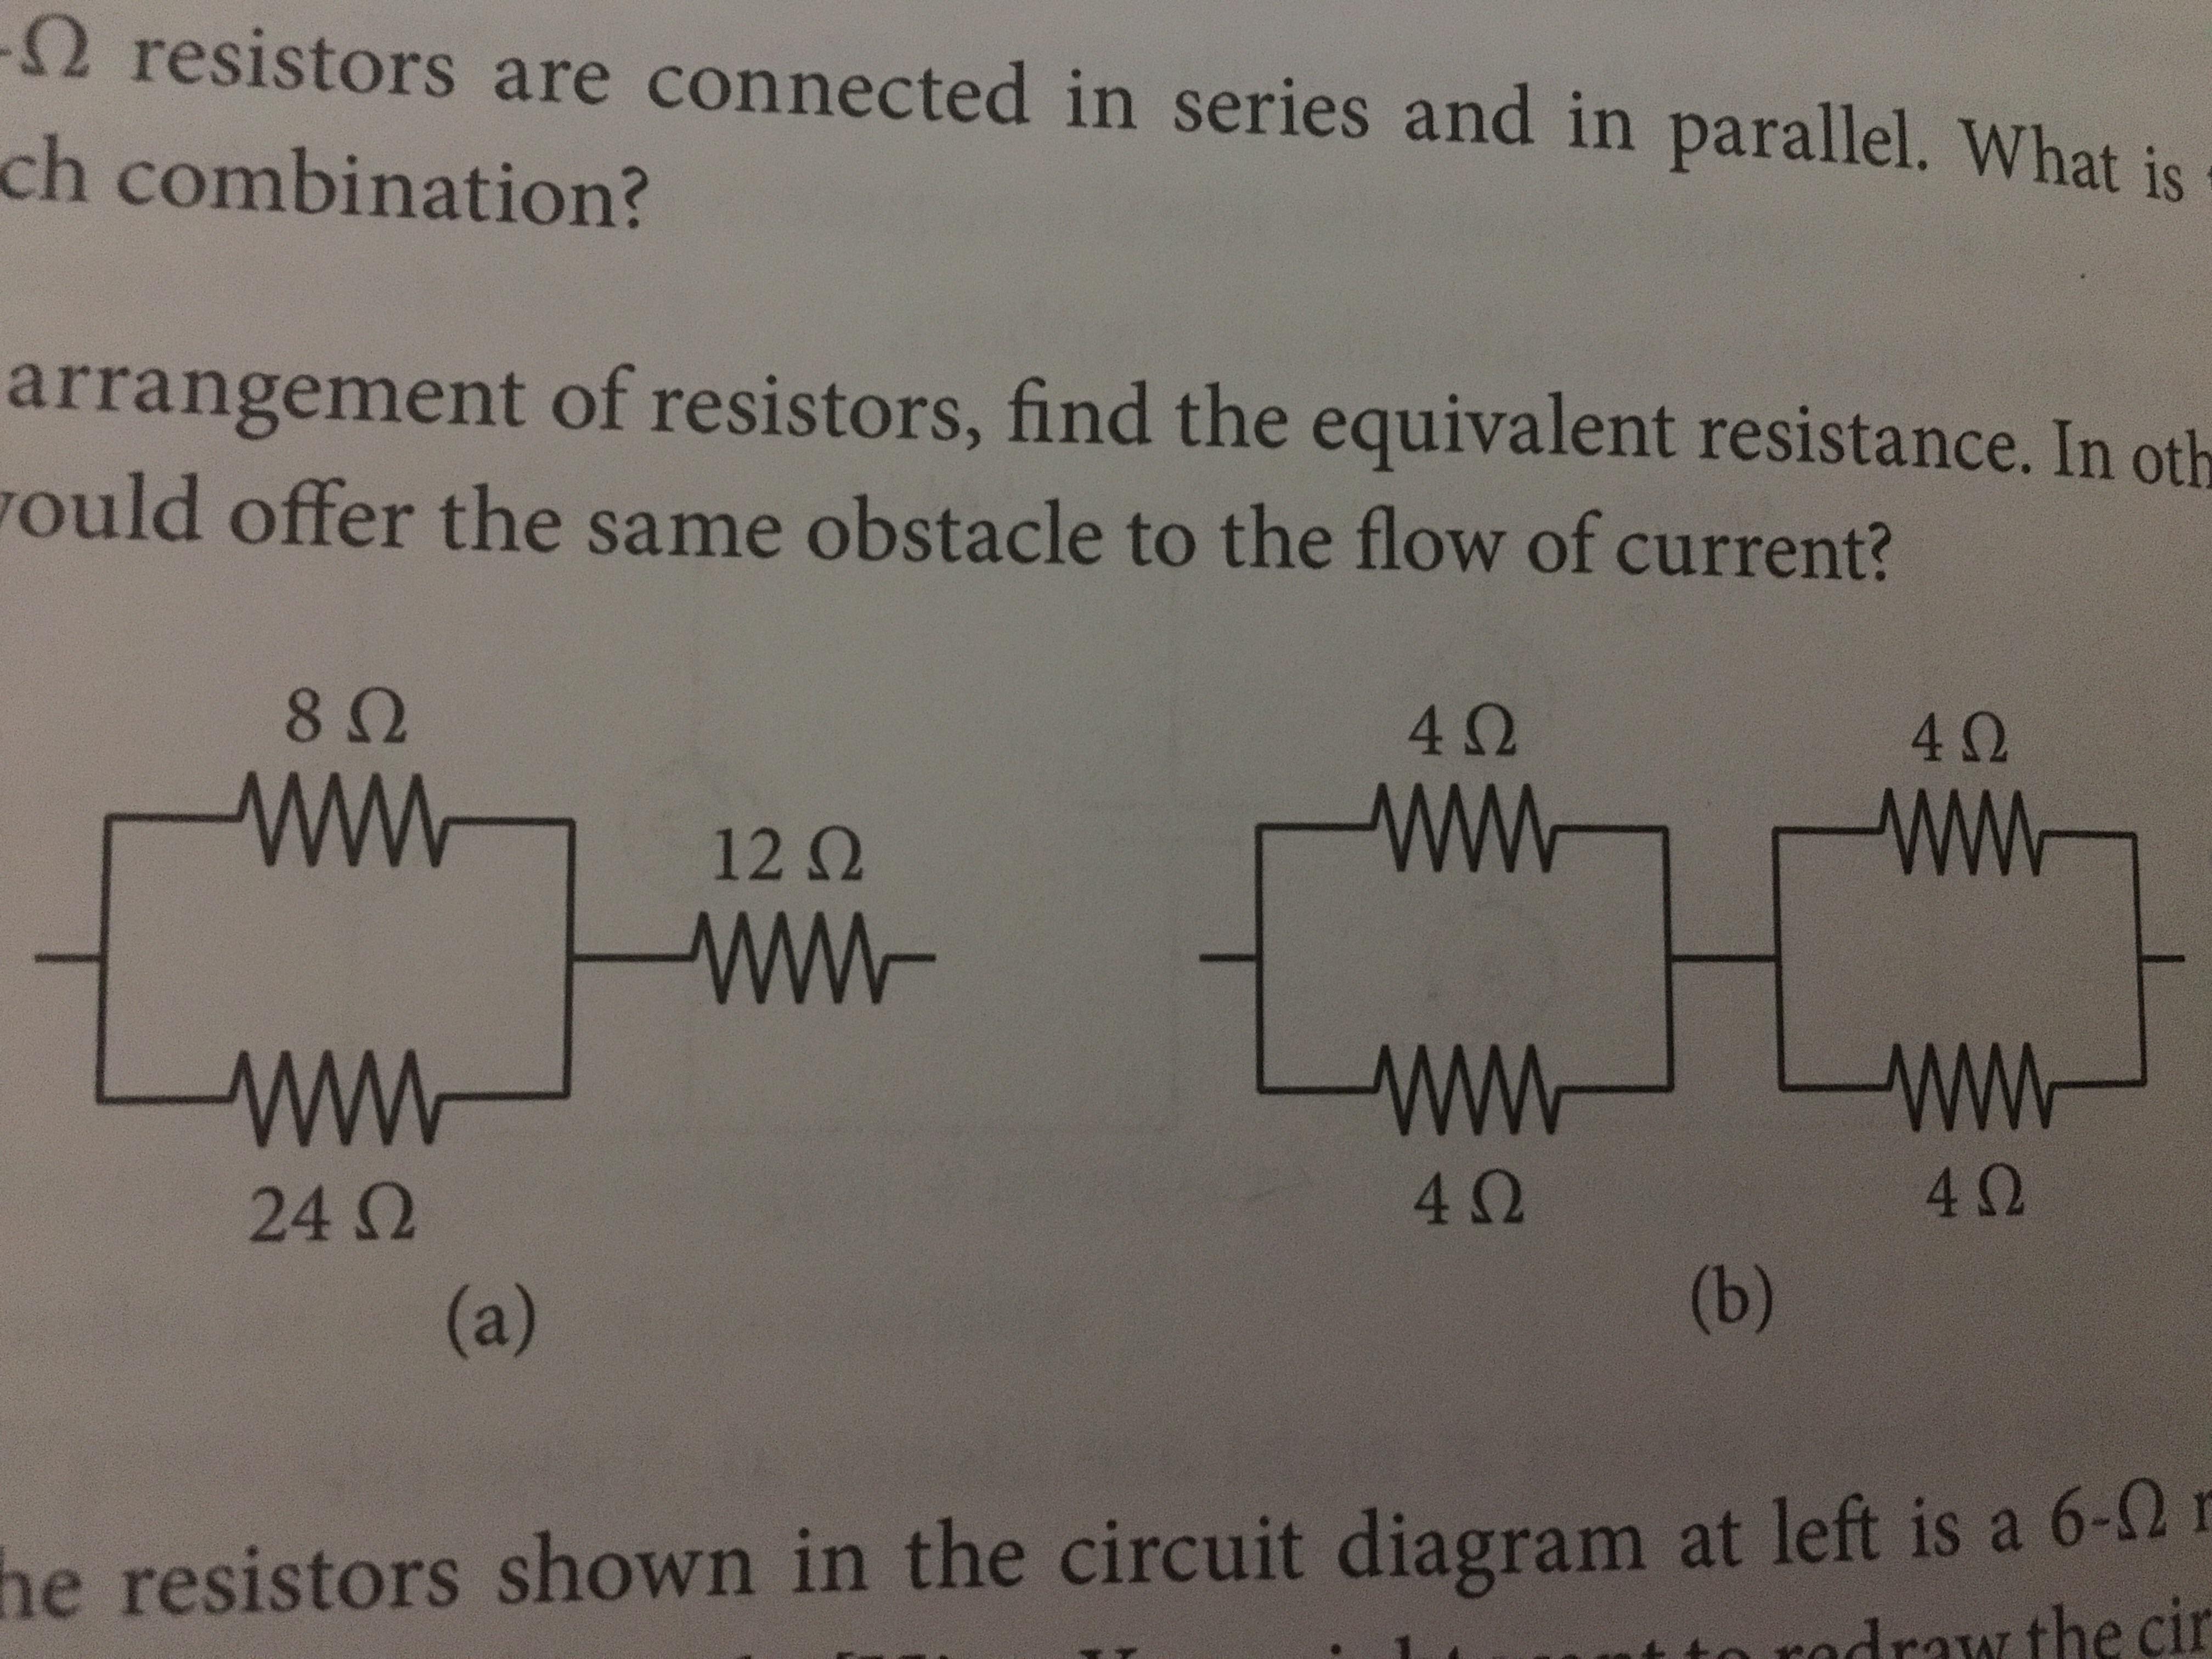 Ω resistors are connected in series and in parallel, what is ch combination? arrangement of resistors, find the equivalent resistance. In oth ould offer the same obstacle to the flow of current? 8Ω 4Ω 4Ω 1212 4Ω 4Ω 24 Ω he resistors shown in the circuit diagram at left is a 6-Q1 te odrw the cin